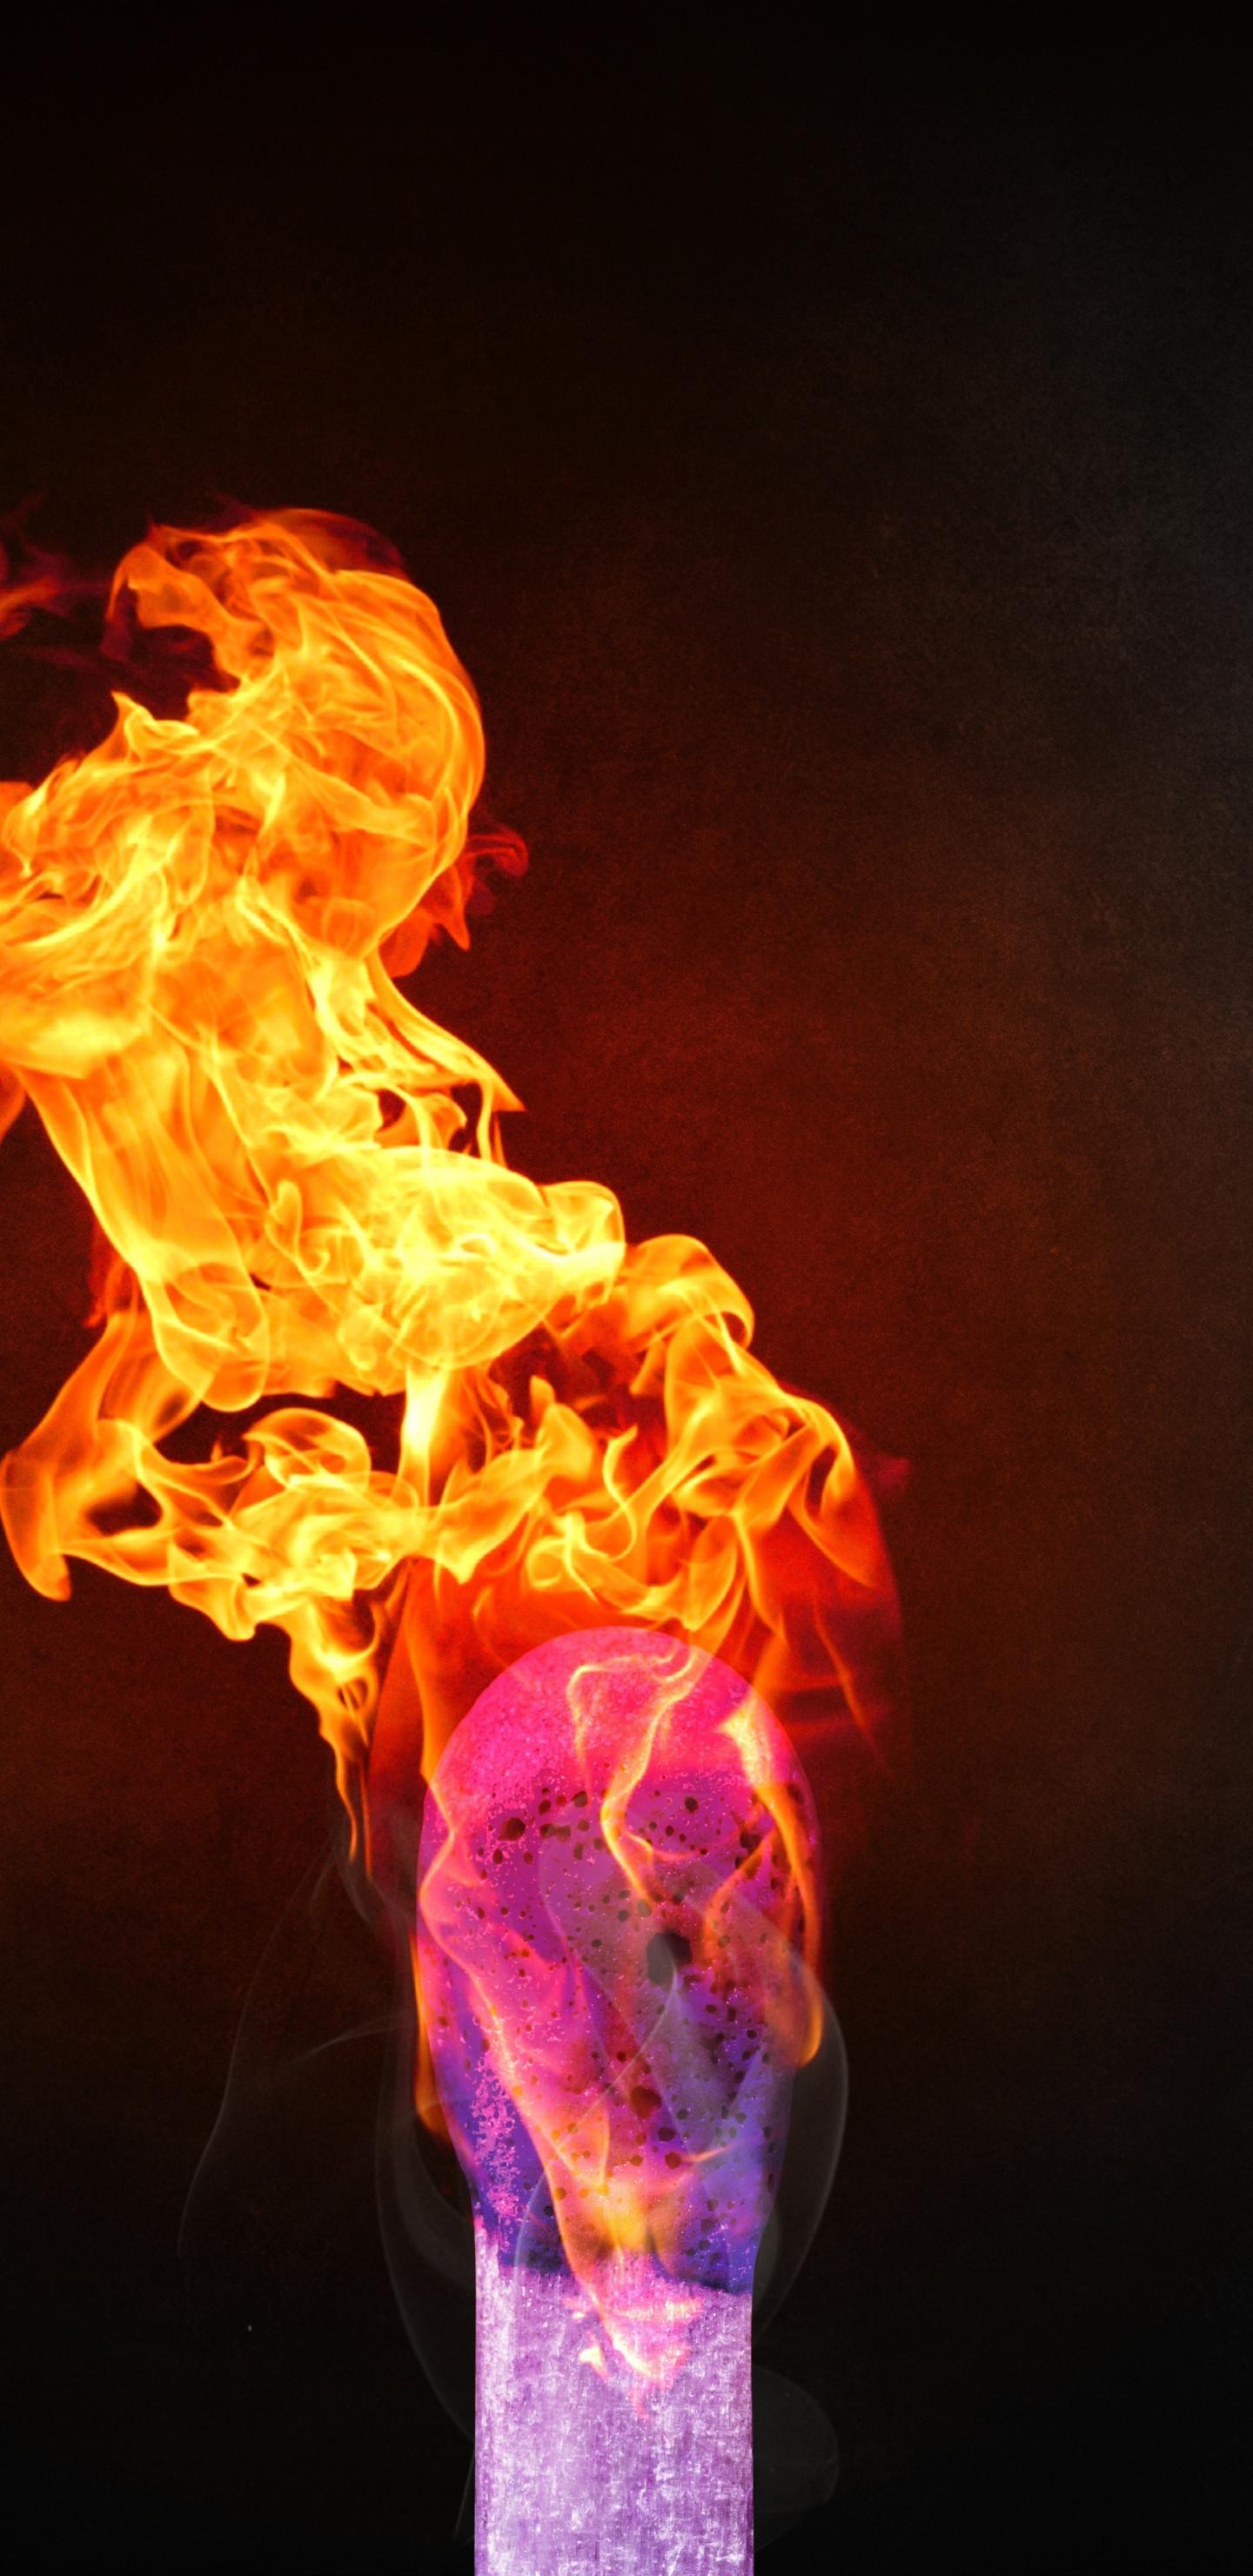 Match On Fire, Digital Art, Dark, Wallpaper - Fire Wallpaper 4k , HD Wallpaper & Backgrounds